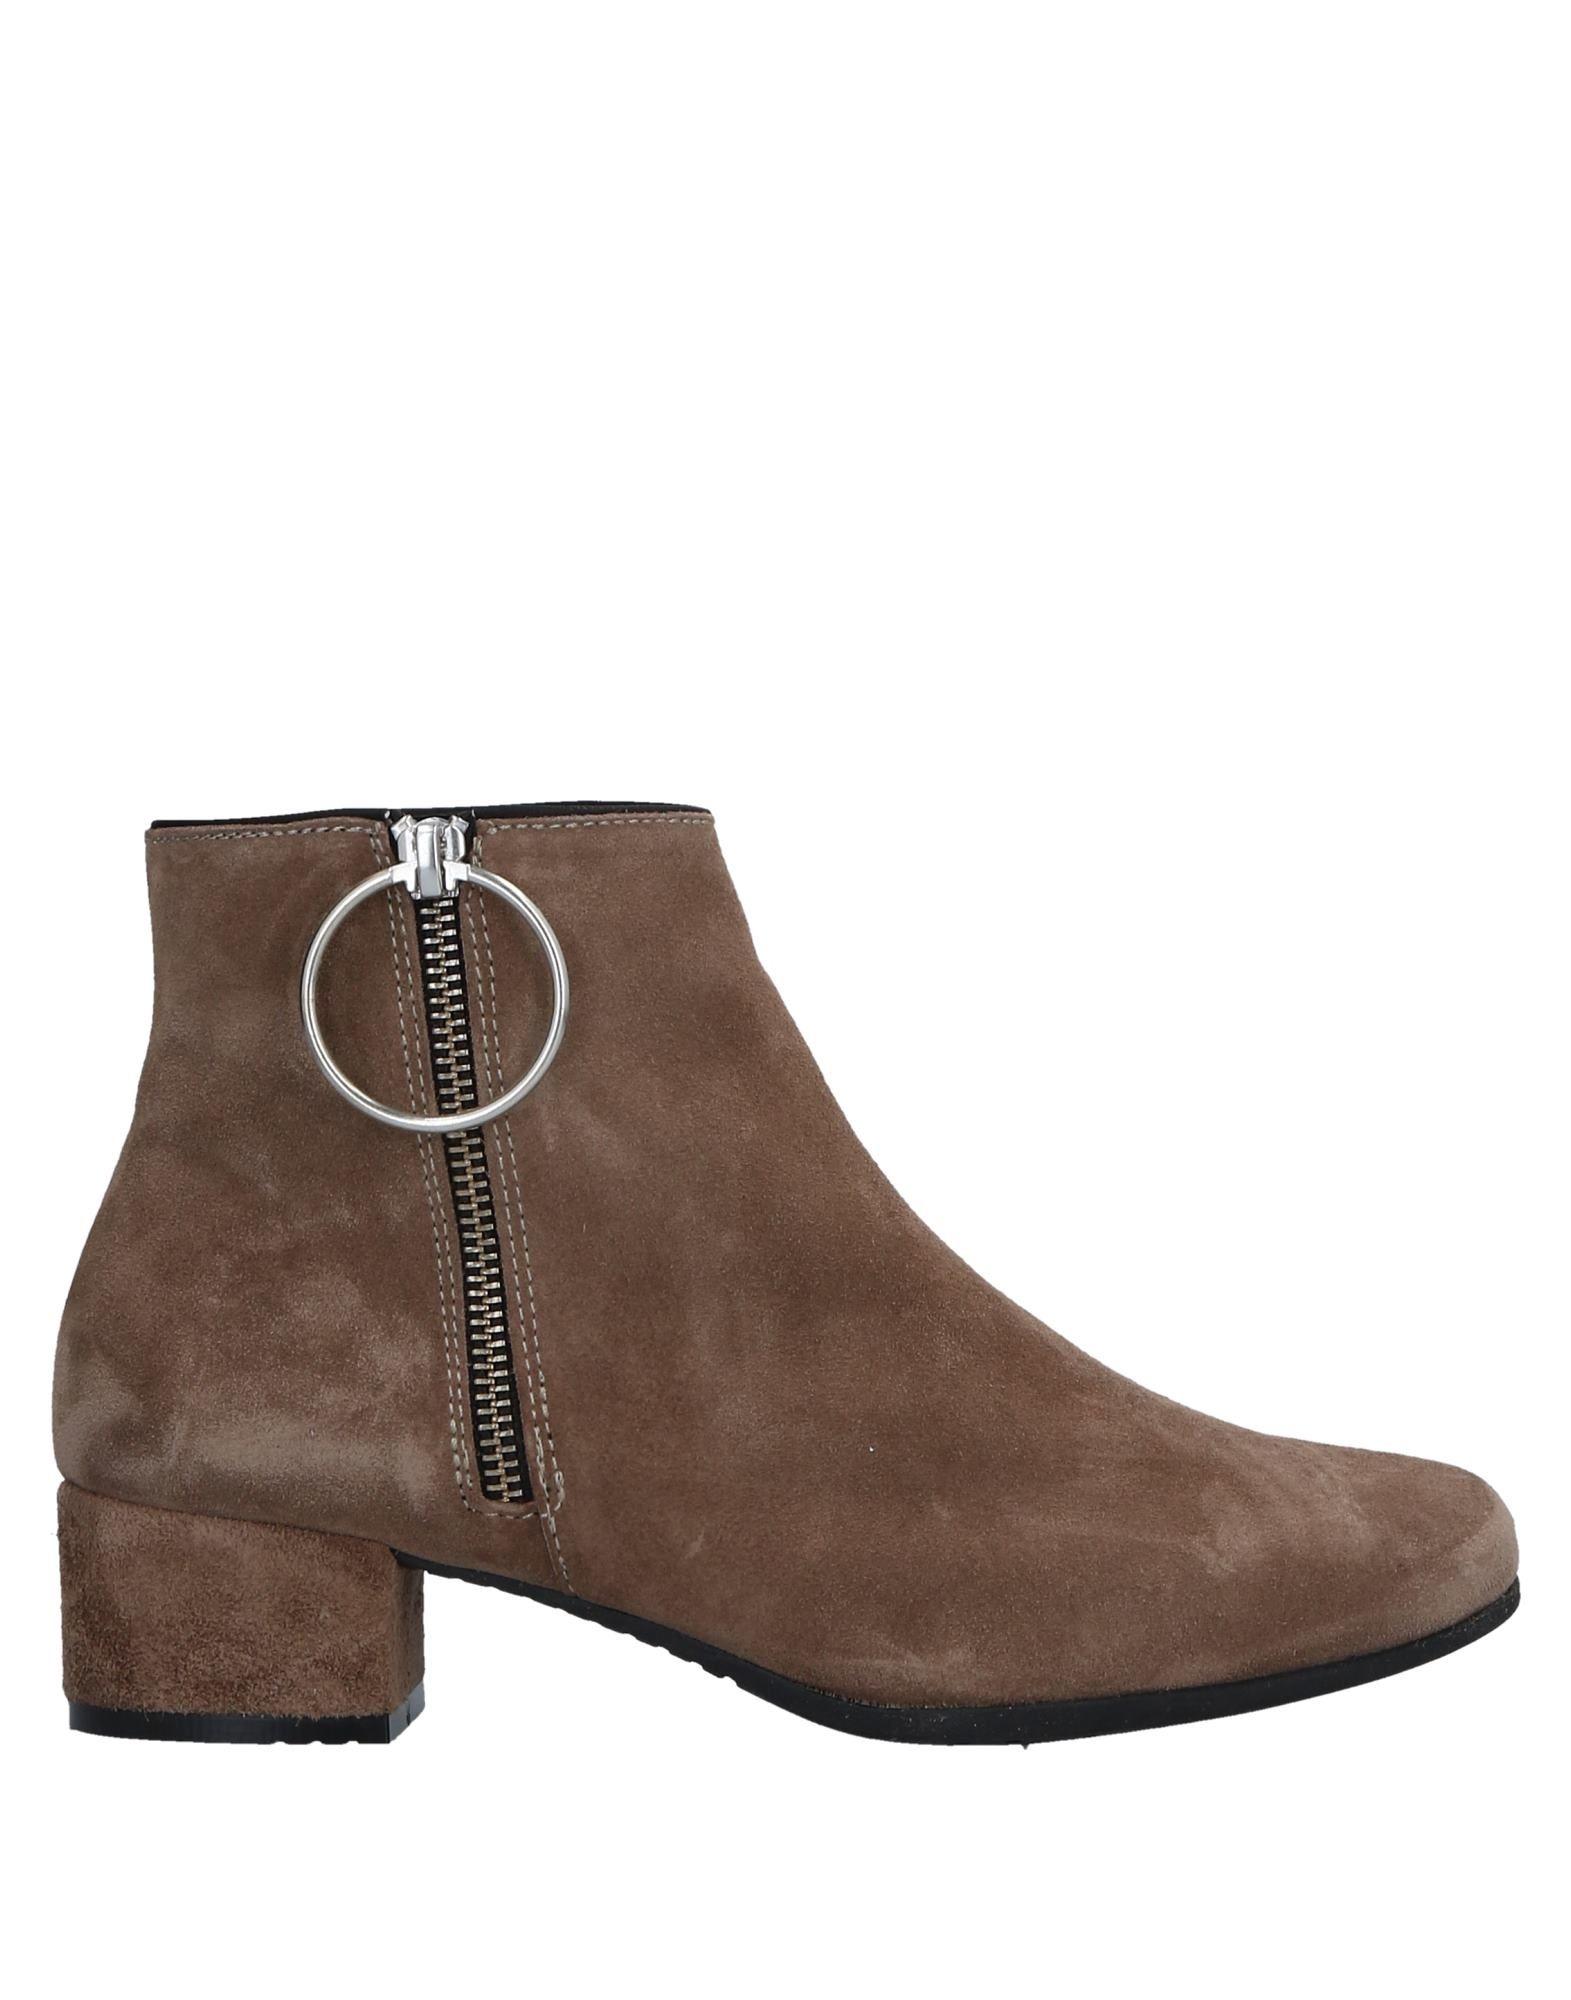 Bottillons Gaimo Femme - Bottillons Gaimo Noir Chaussures femme pas cher homme et femme